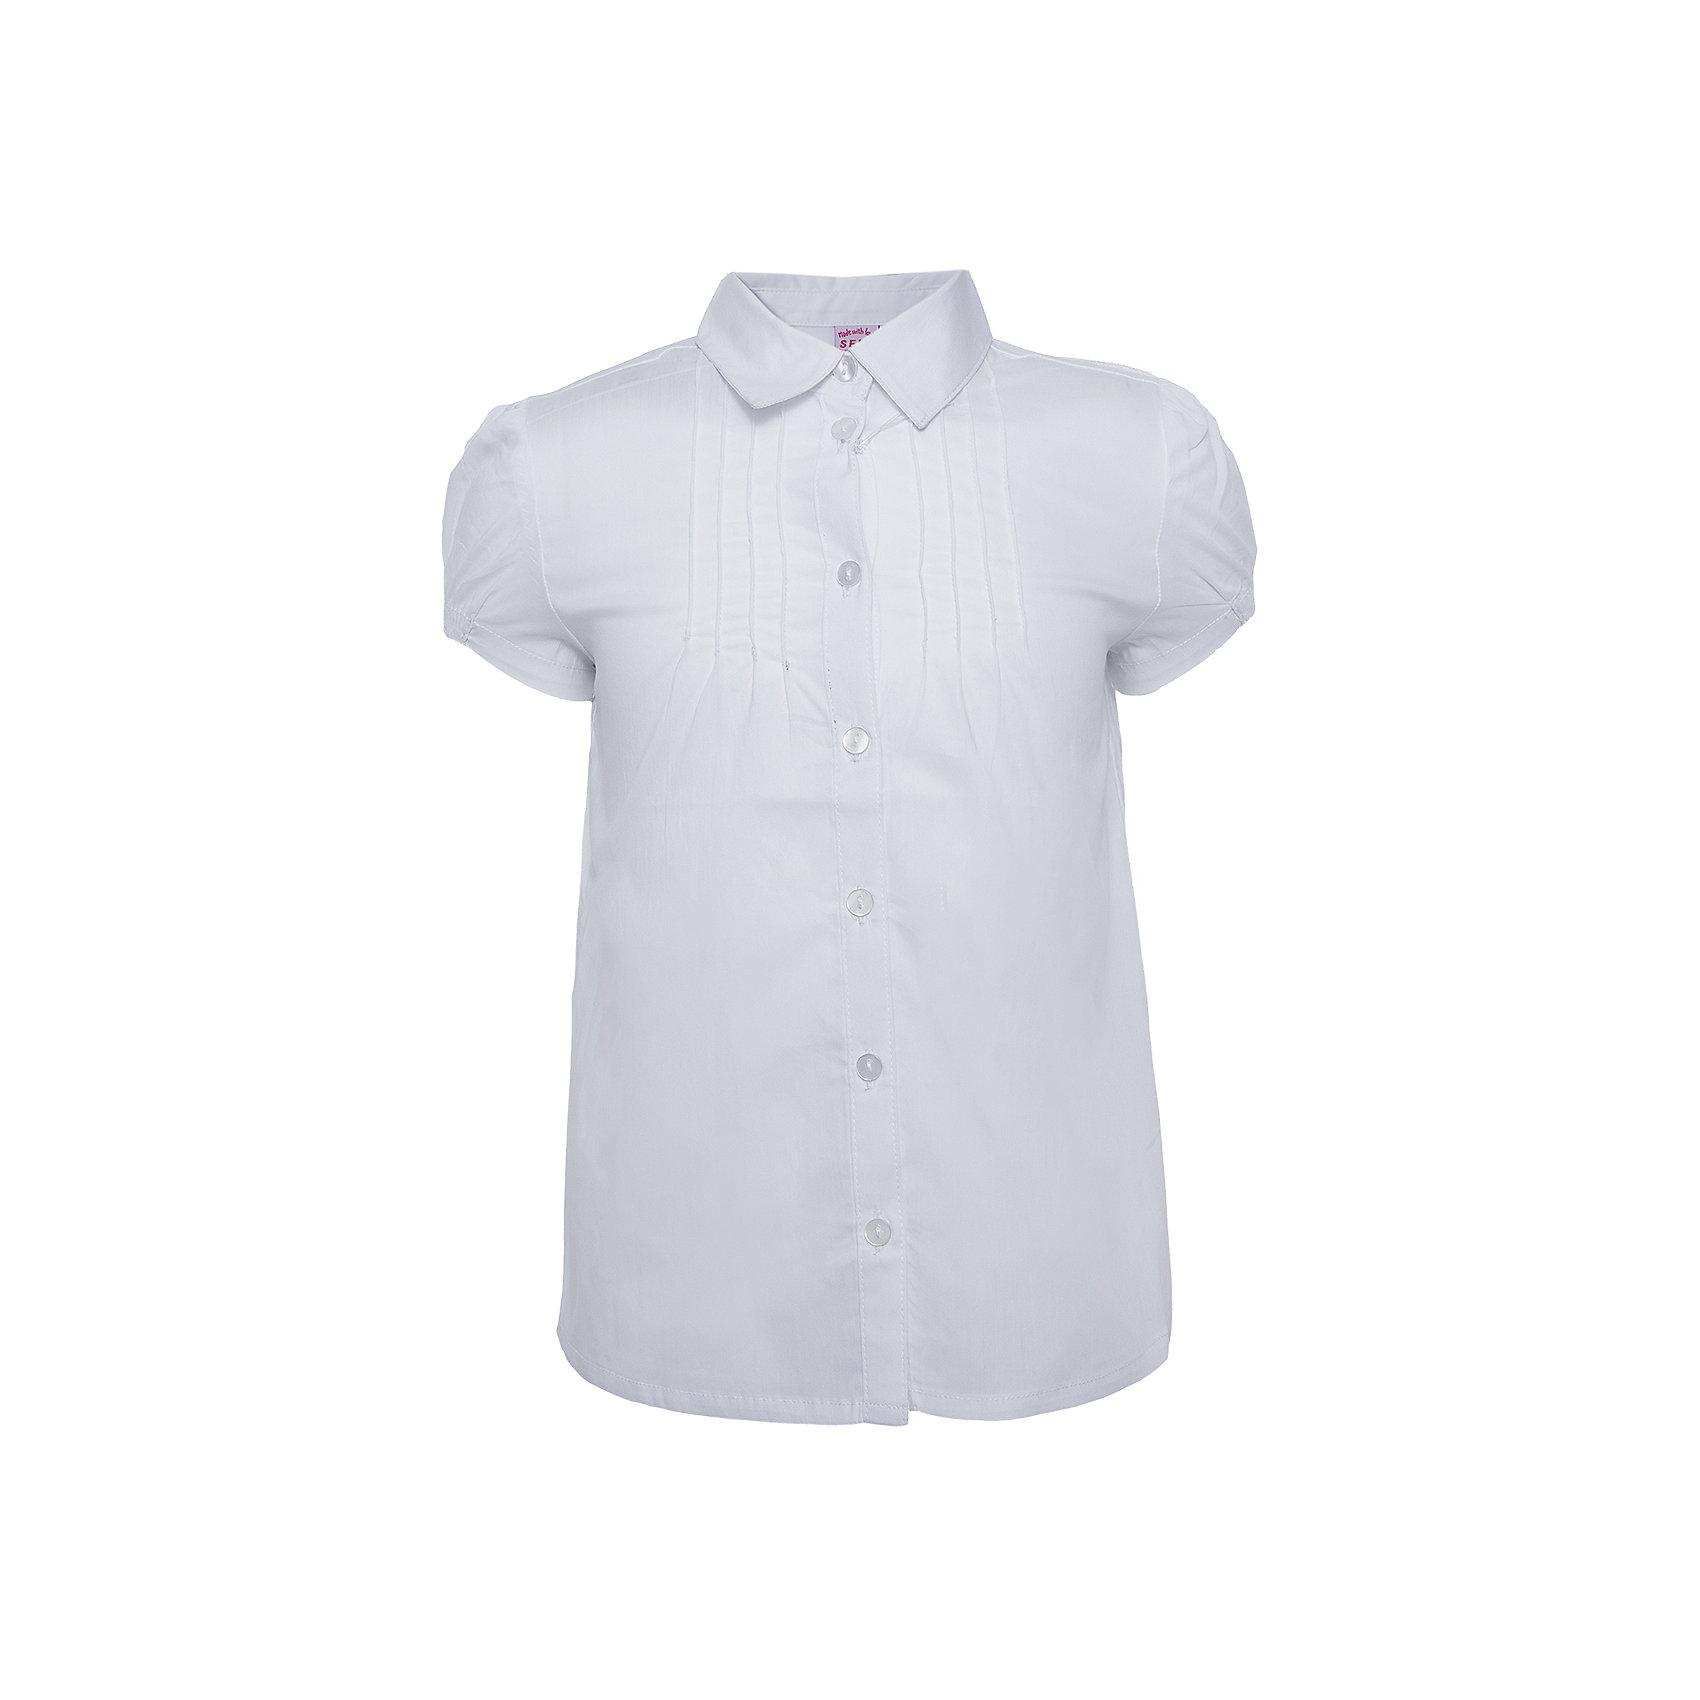 Блузка для девочки SELAБлузки и рубашки<br>Белая блузка с укороченным руковом юной модницы.<br><br>Блузка свободного кроя, поэтому ее можно комбинировать с любыми вещами.<br><br>Дополнительная информация:<br><br>- Свободный крой.<br>- Короткий рукав, отложной воротничок.<br>- Цвет: белый.<br>- Состав:  56% хлопок, 41% нейлон, 3% эластан.<br>- Бренд: SELA<br><br>Купить блузку для девочки от SELA можно в нашем магазине.<br><br>Ширина мм: 186<br>Глубина мм: 87<br>Высота мм: 198<br>Вес г: 197<br>Цвет: белый<br>Возраст от месяцев: 60<br>Возраст до месяцев: 72<br>Пол: Женский<br>Возраст: Детский<br>Размер: 116,140,146,152,122,128,134<br>SKU: 4883454